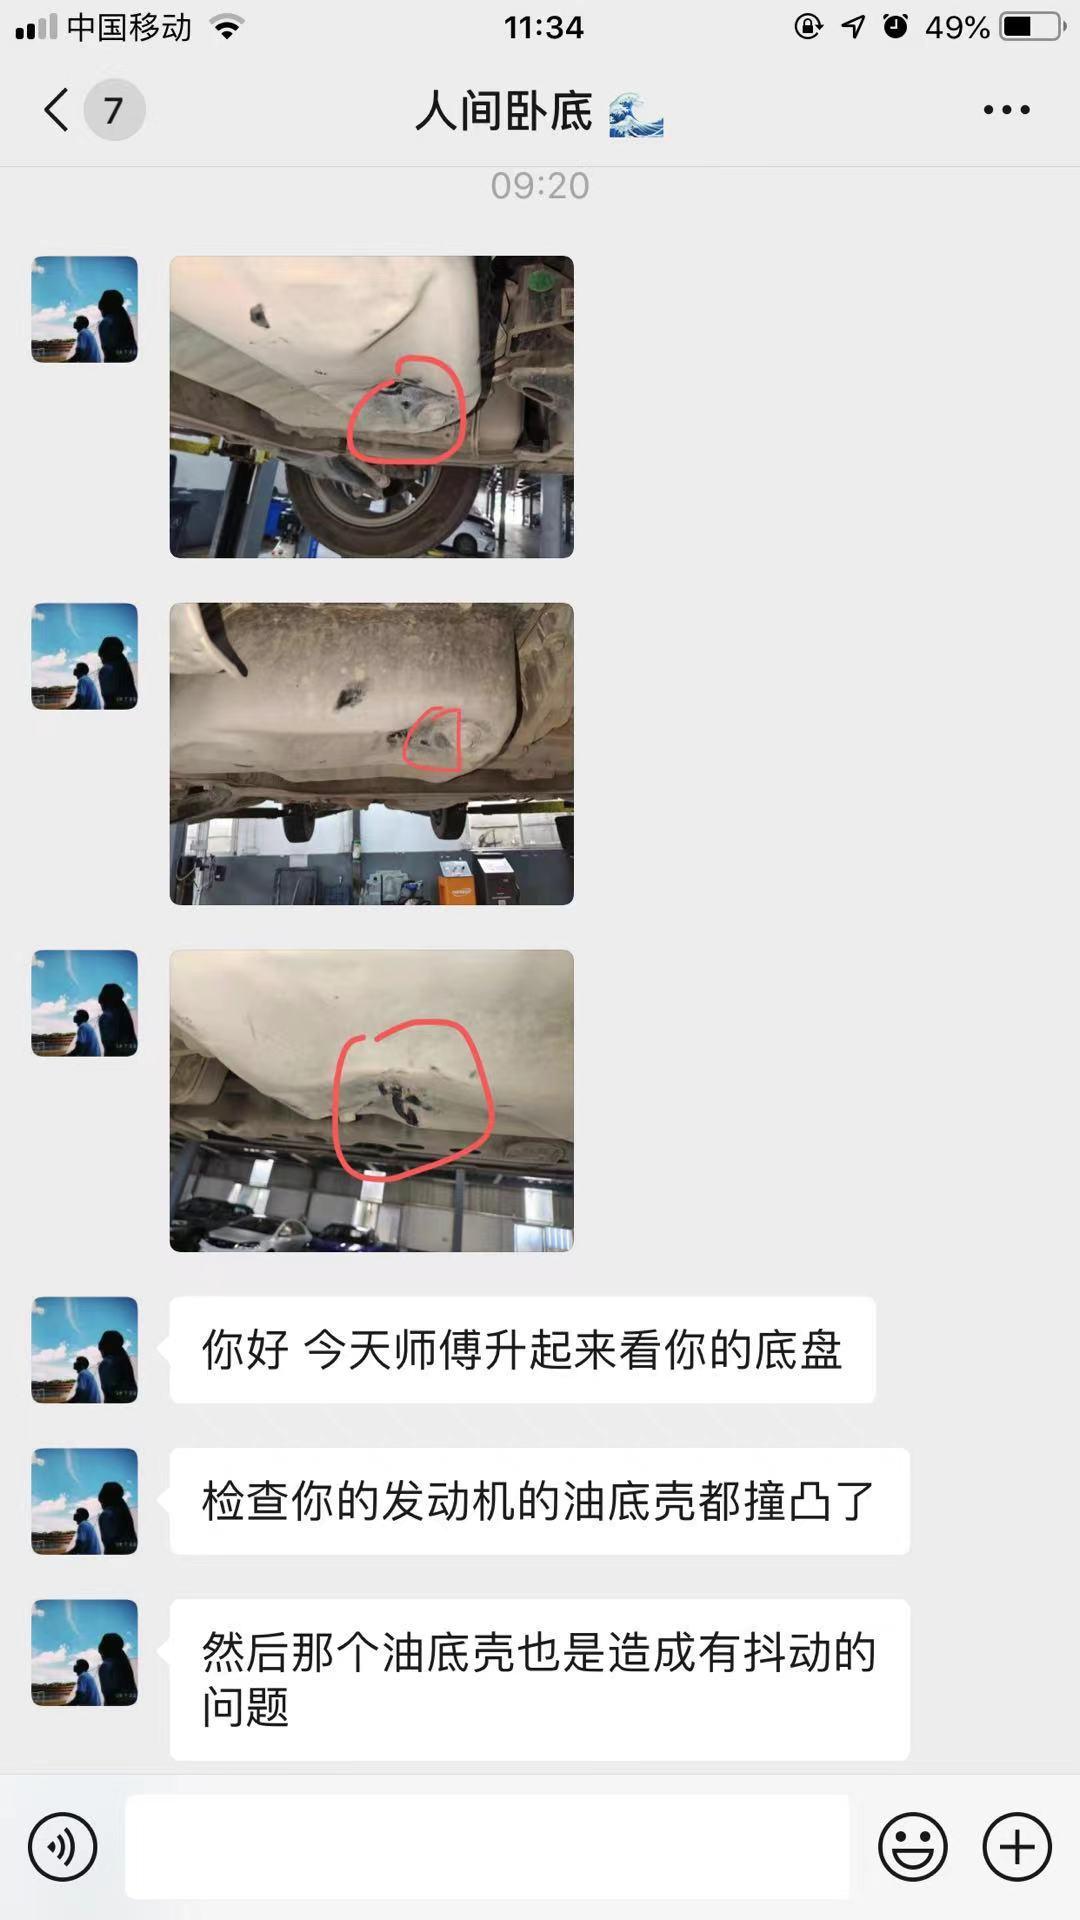 吉利汽车博越因4S店的工作人员维修操作不当,导致车辆配件损坏